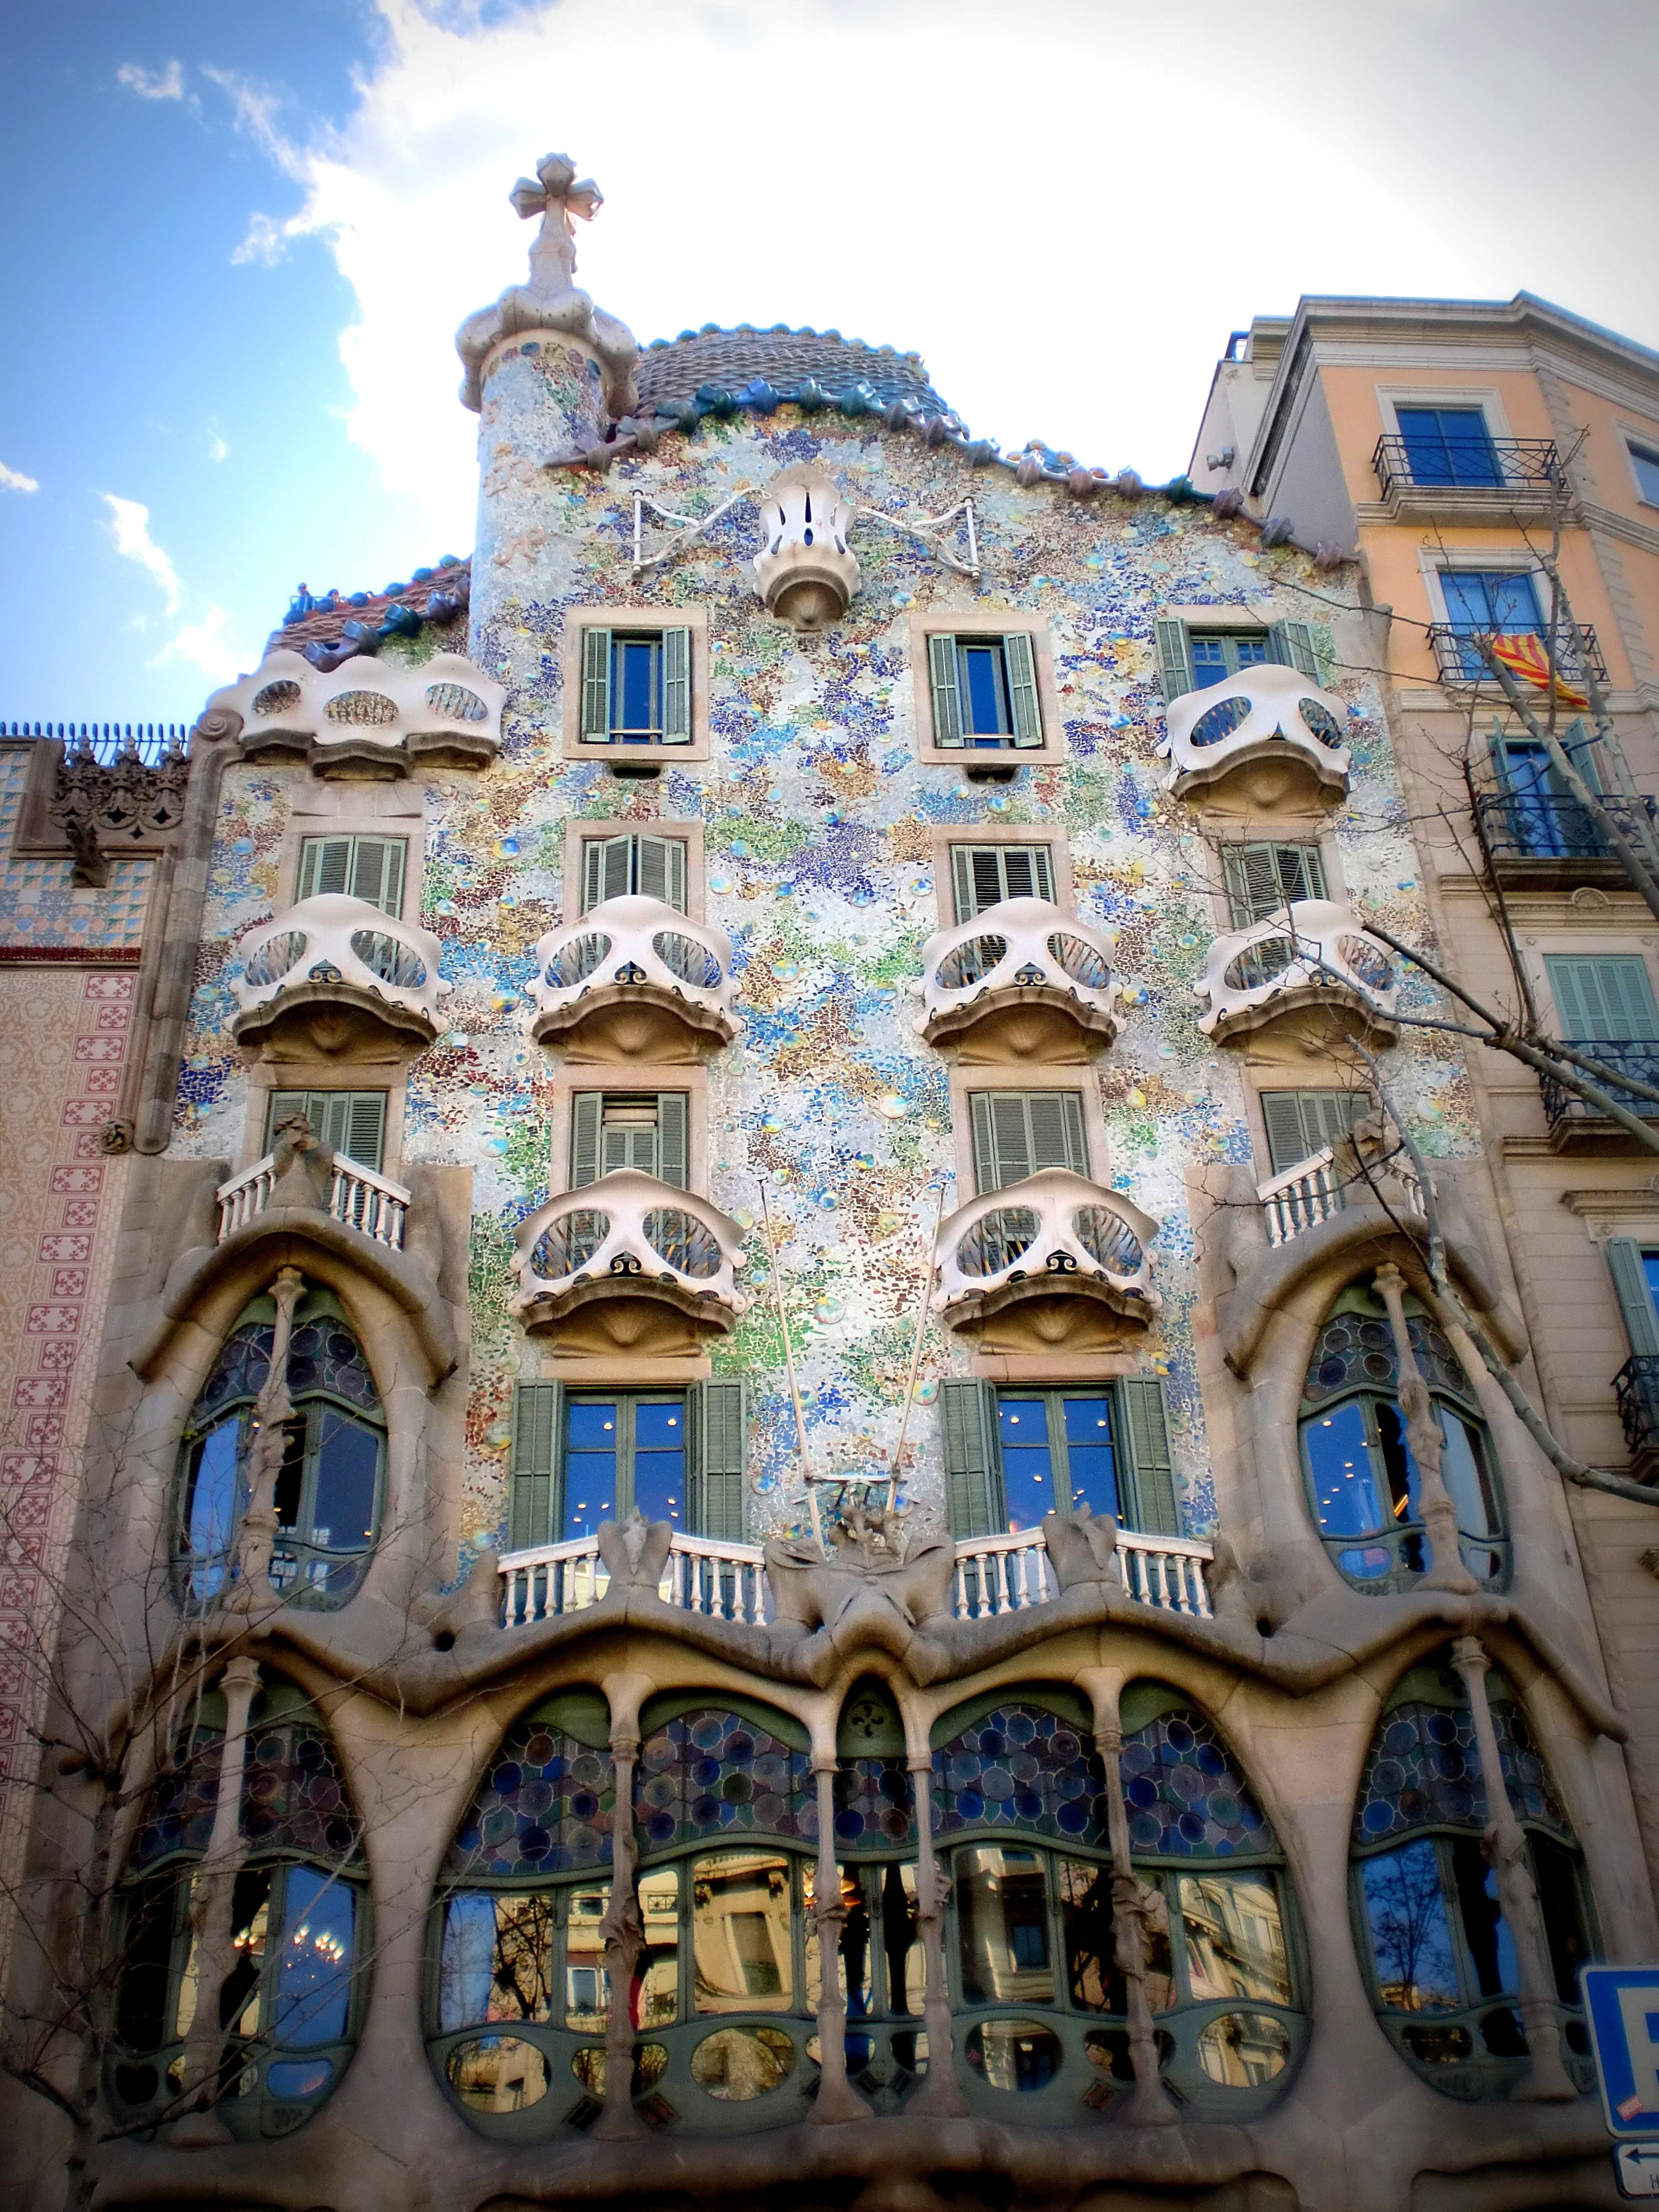 Barcelone  Episode 2  La casa Batllo  Le repre